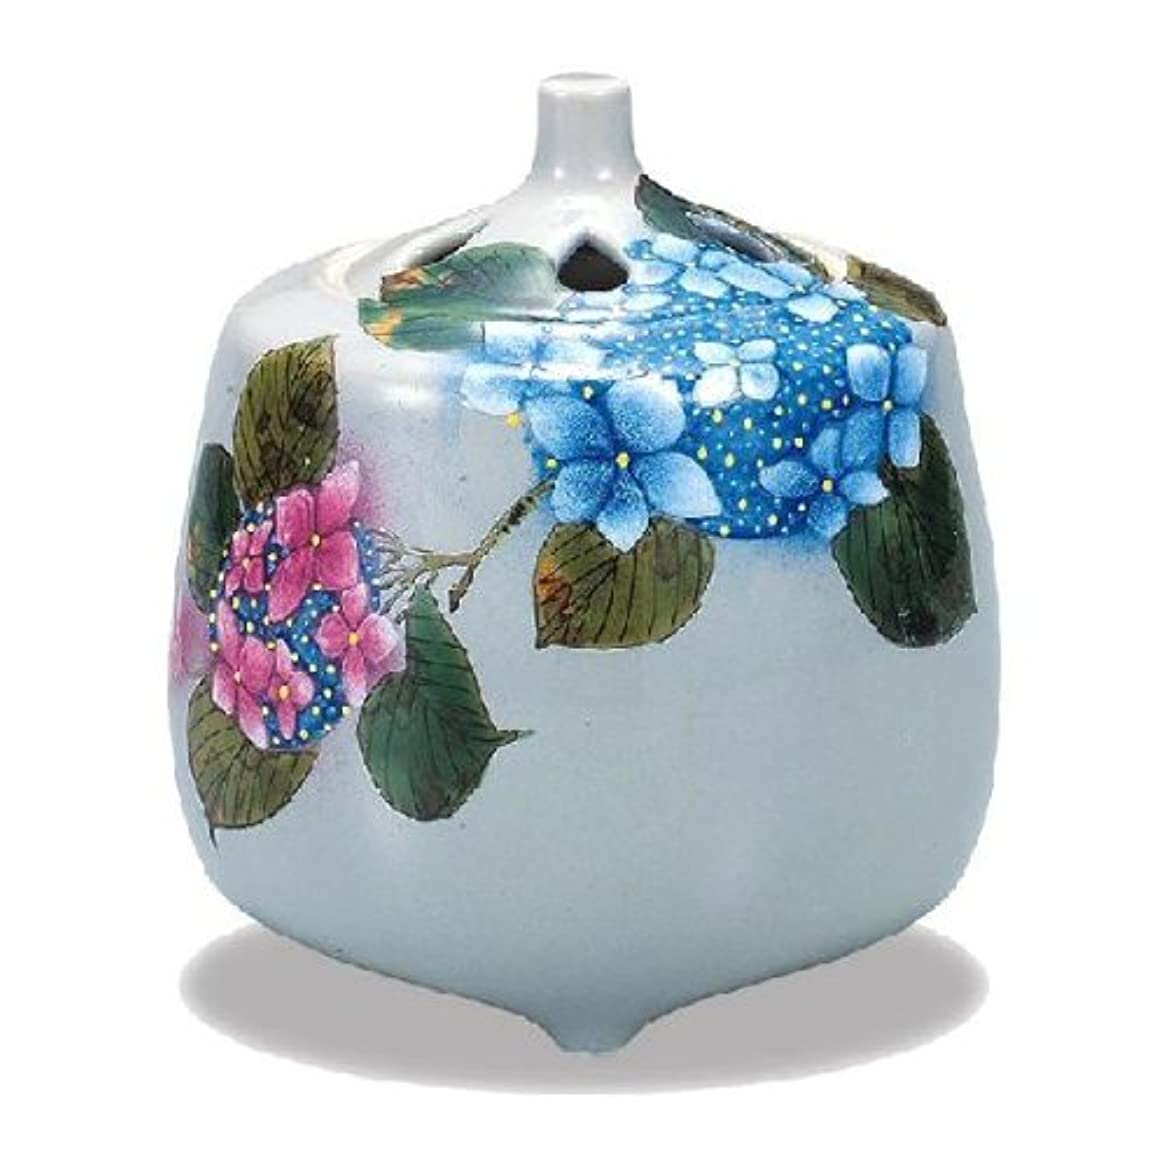 リズミカルなパース美的九谷焼香炉(紫陽花)